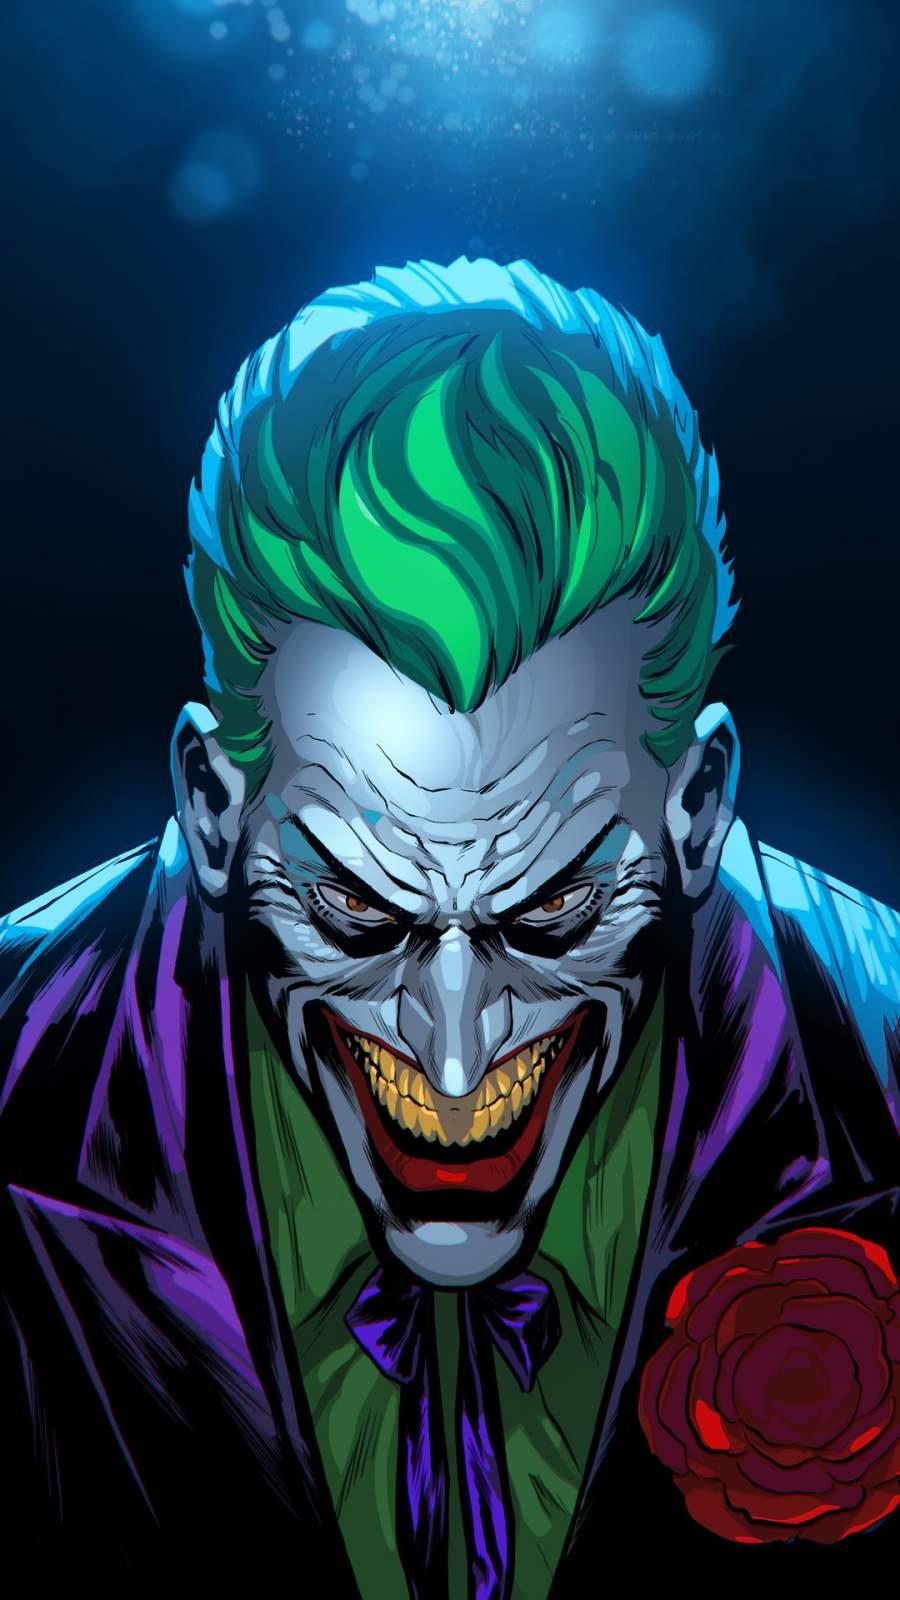 Joker Digital Art iPhone Wallpaper